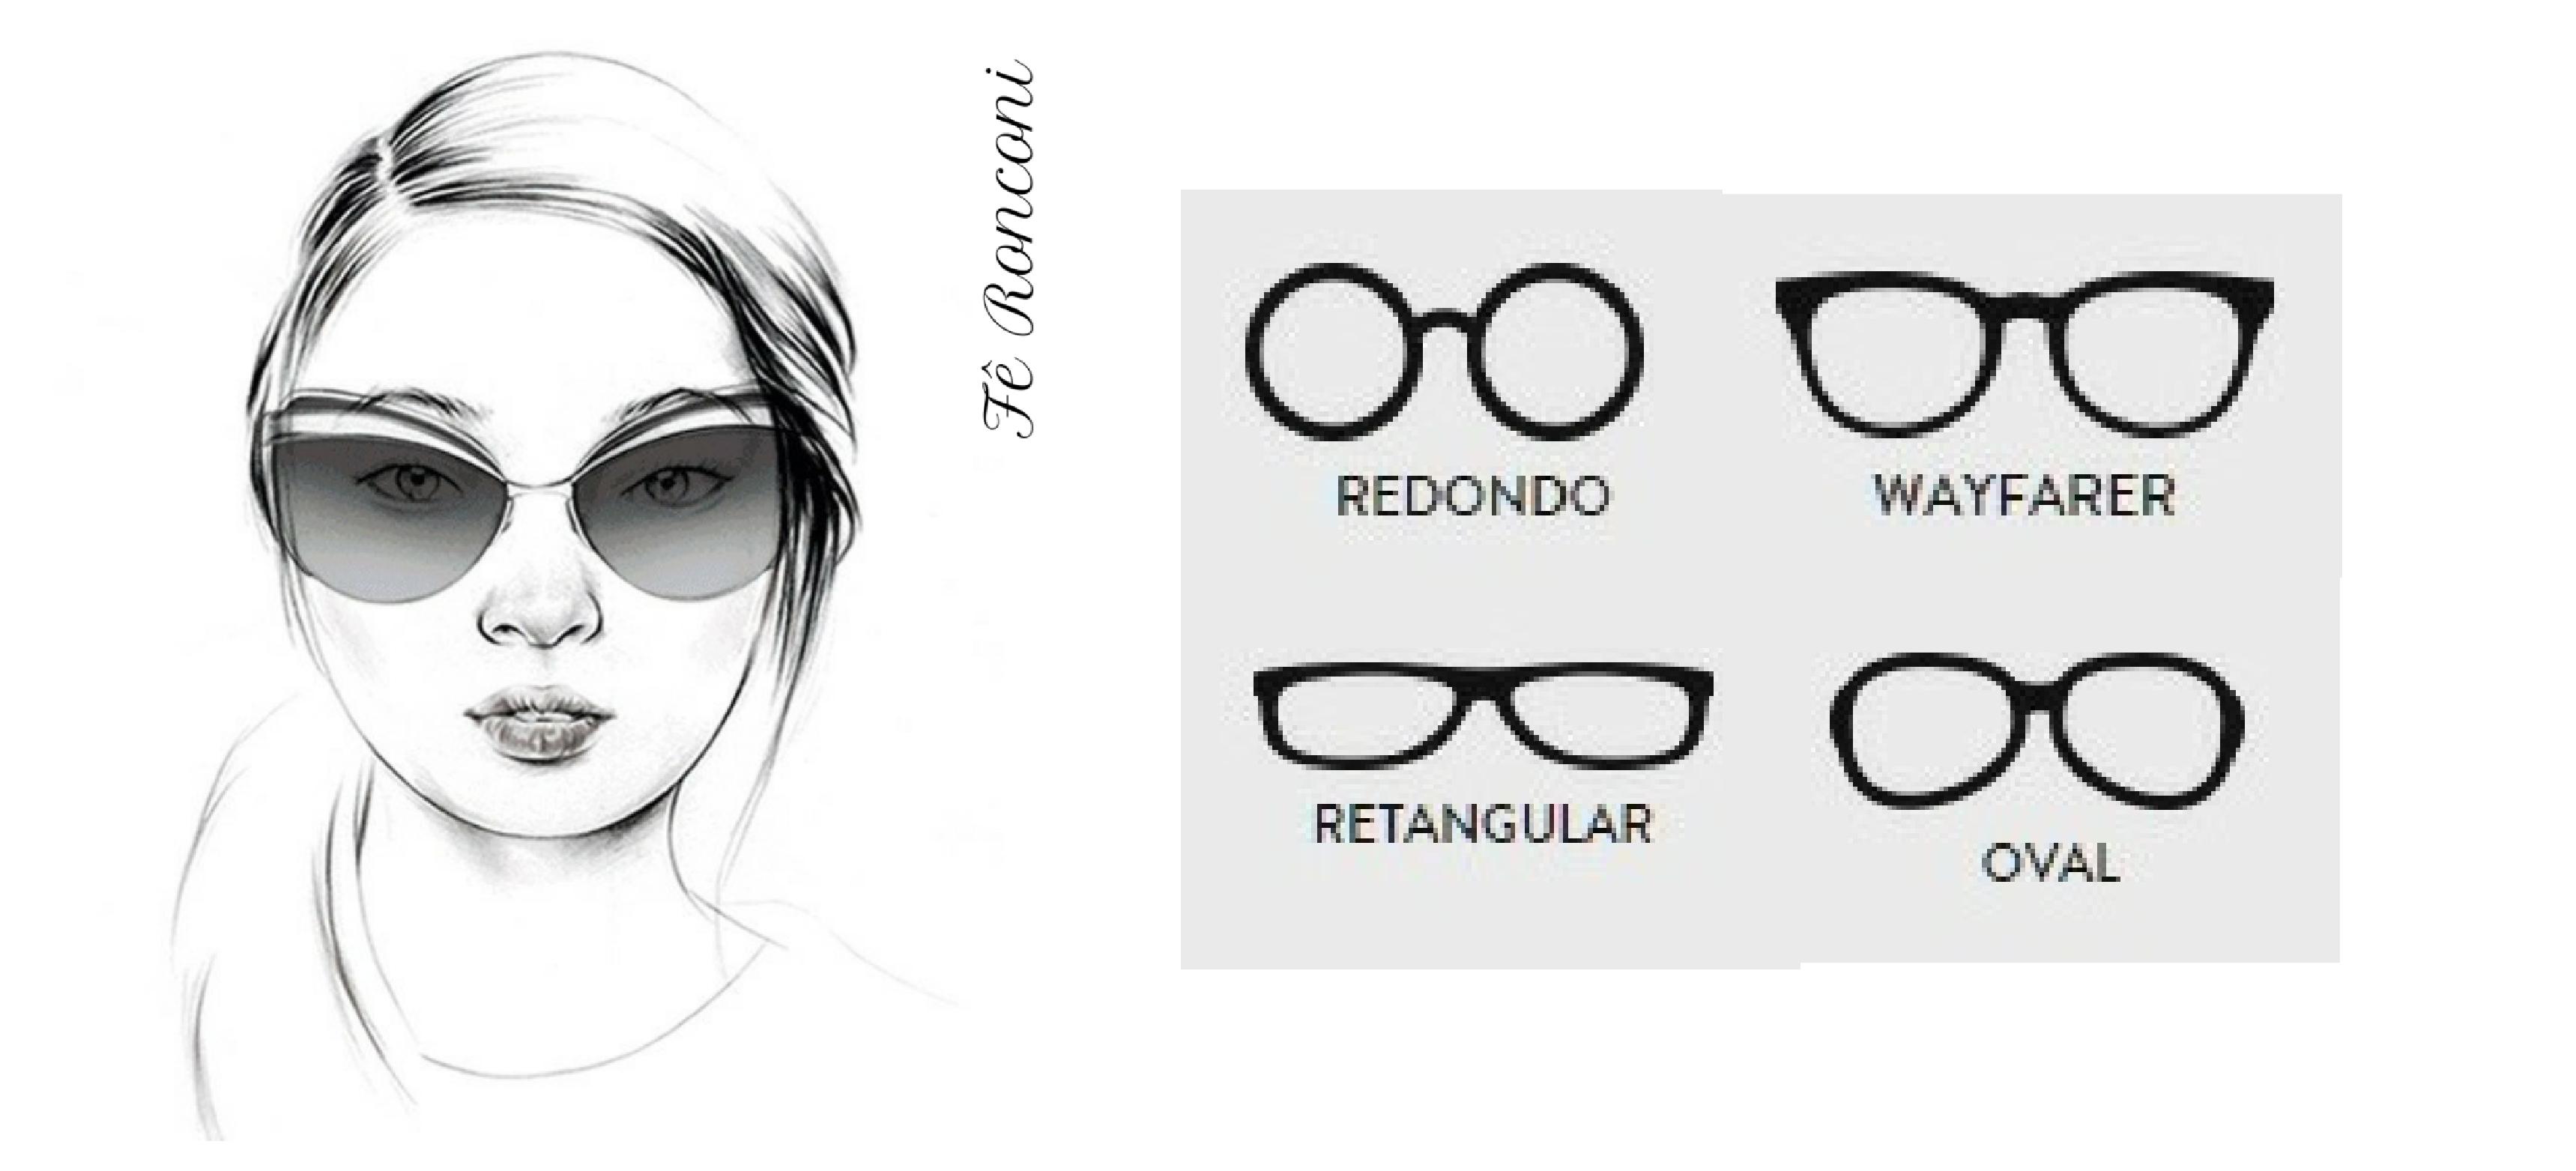 76a9bf333b25a Óculos perfeitos para cada formato de rosto - Fê Ronconi